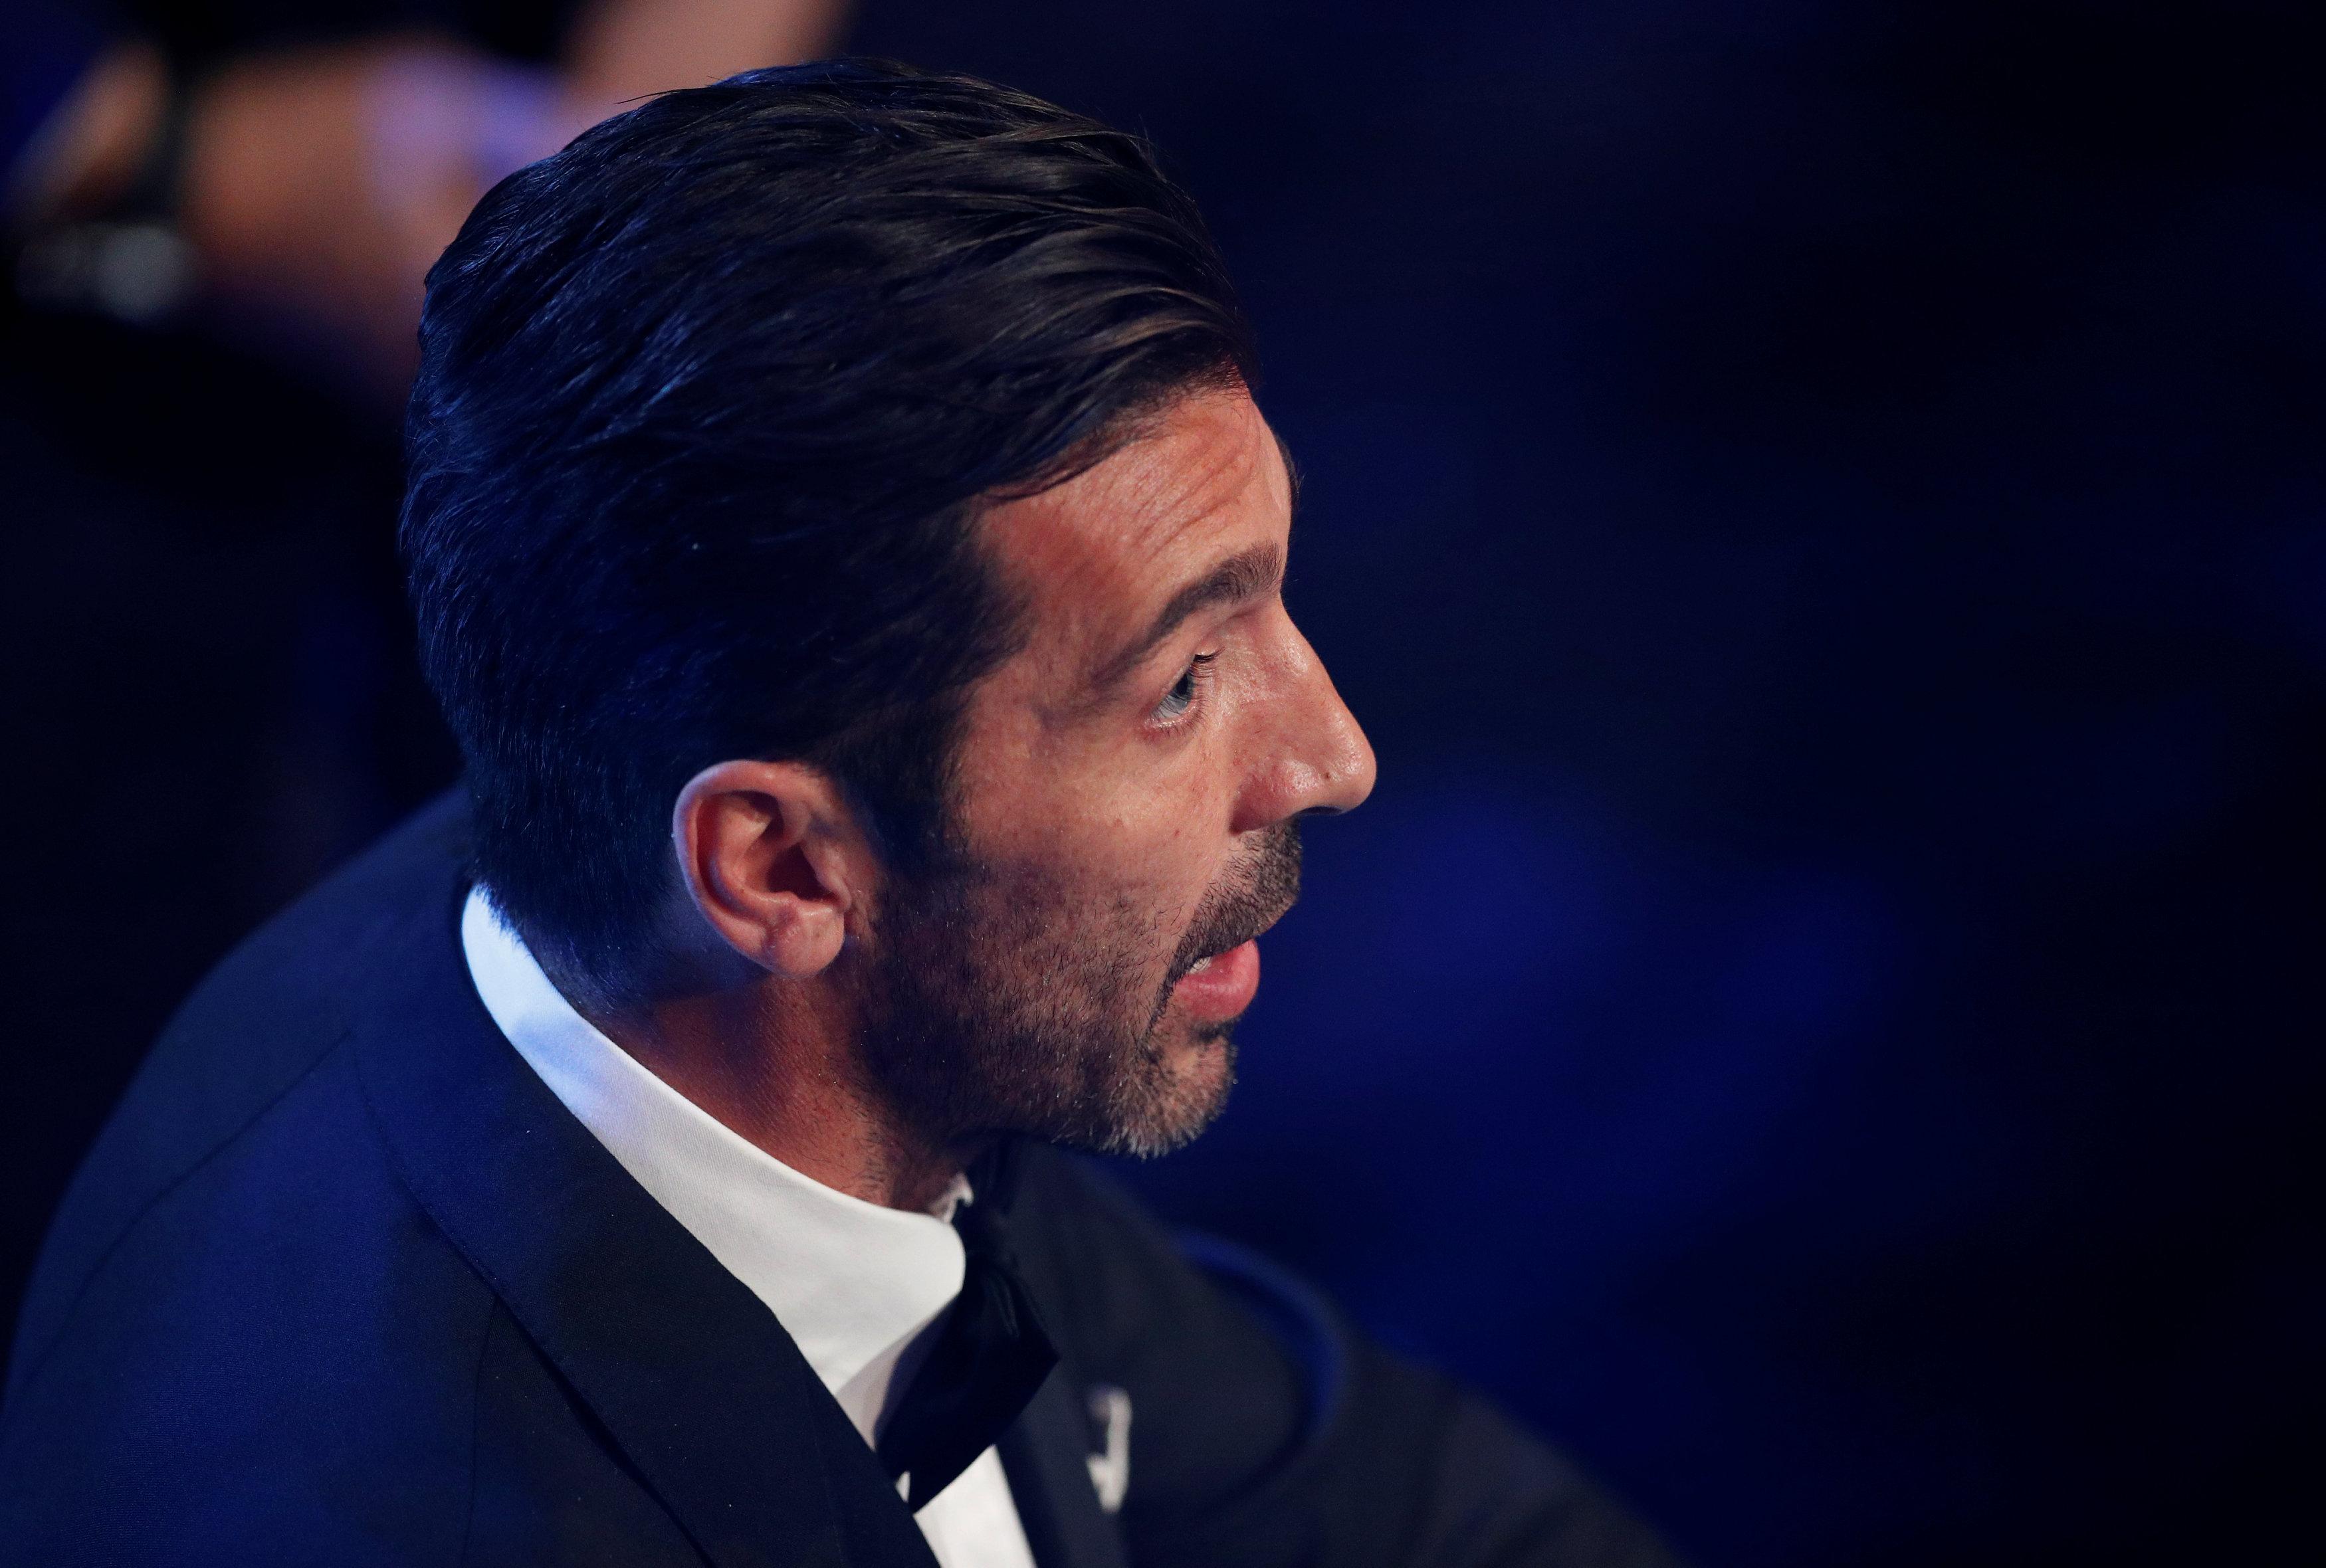 بوفون يفوز بجائزة أفضل حارس مرمى في العالم